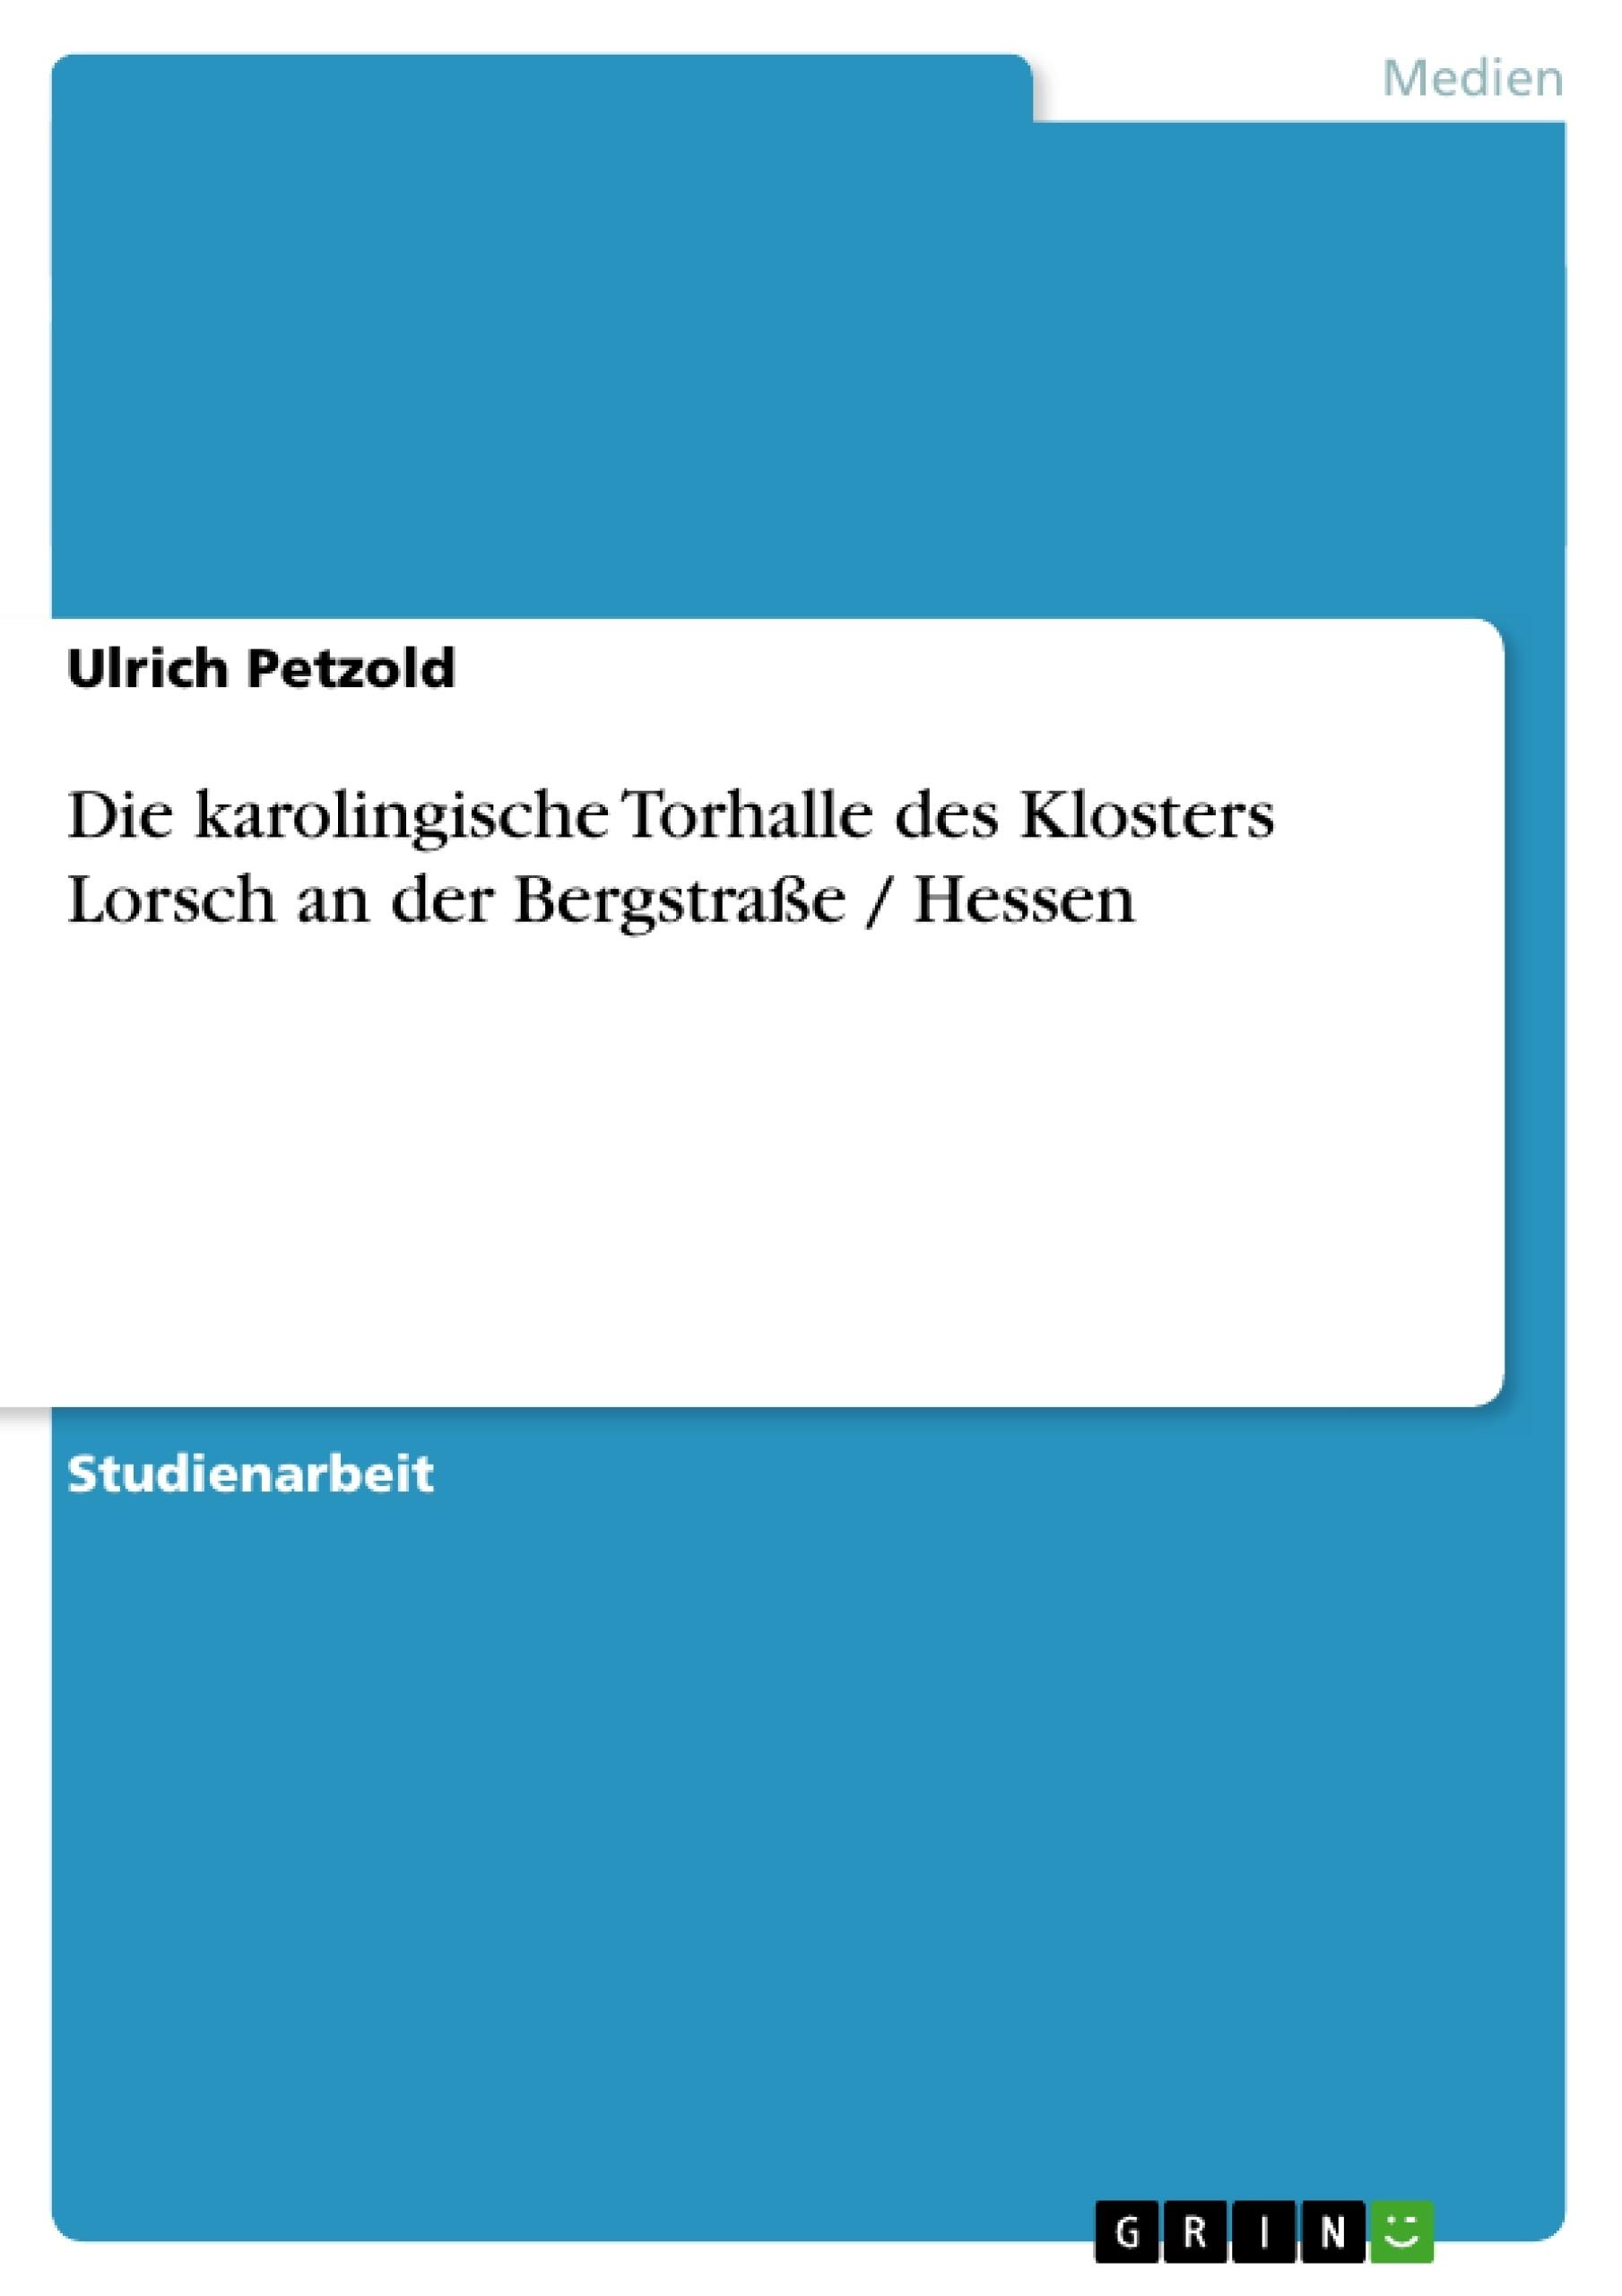 Titel: Die karolingische Torhalle des Klosters Lorsch an der Bergstraße / Hessen